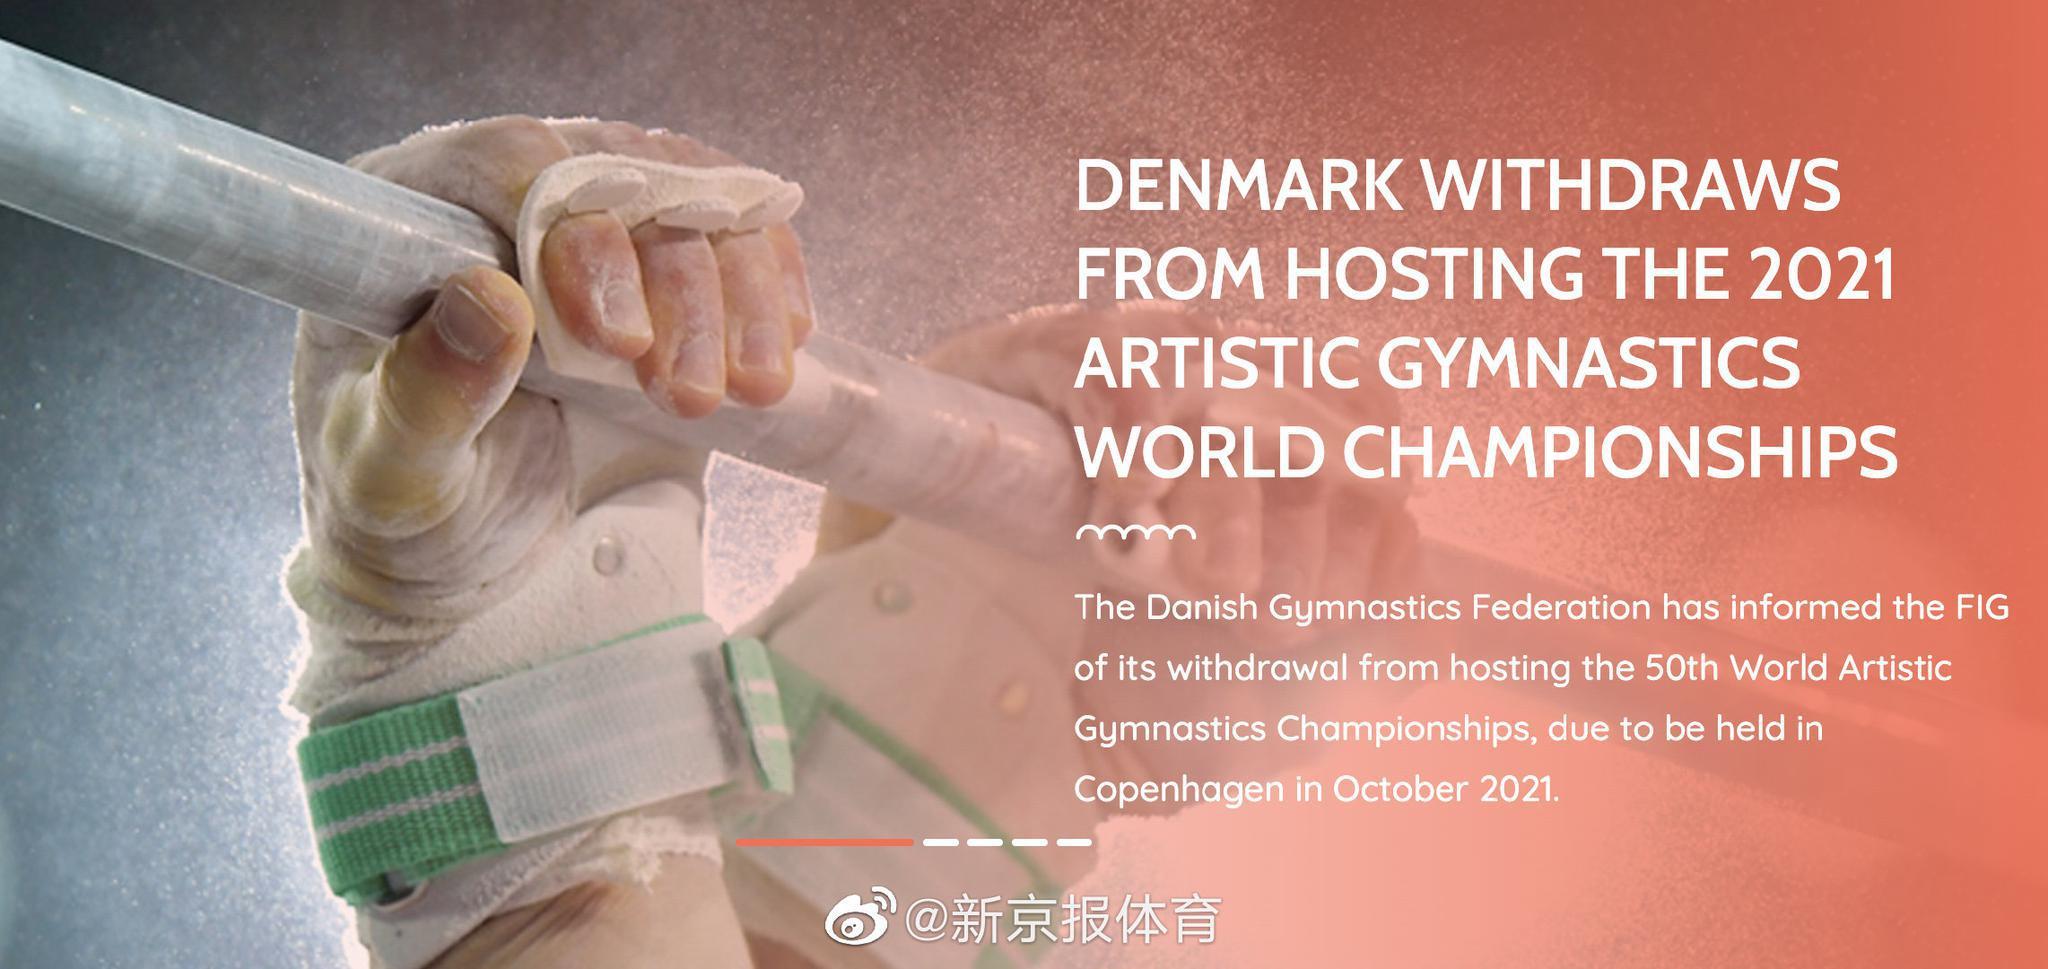 丹麦放弃举办2021体操世锦赛